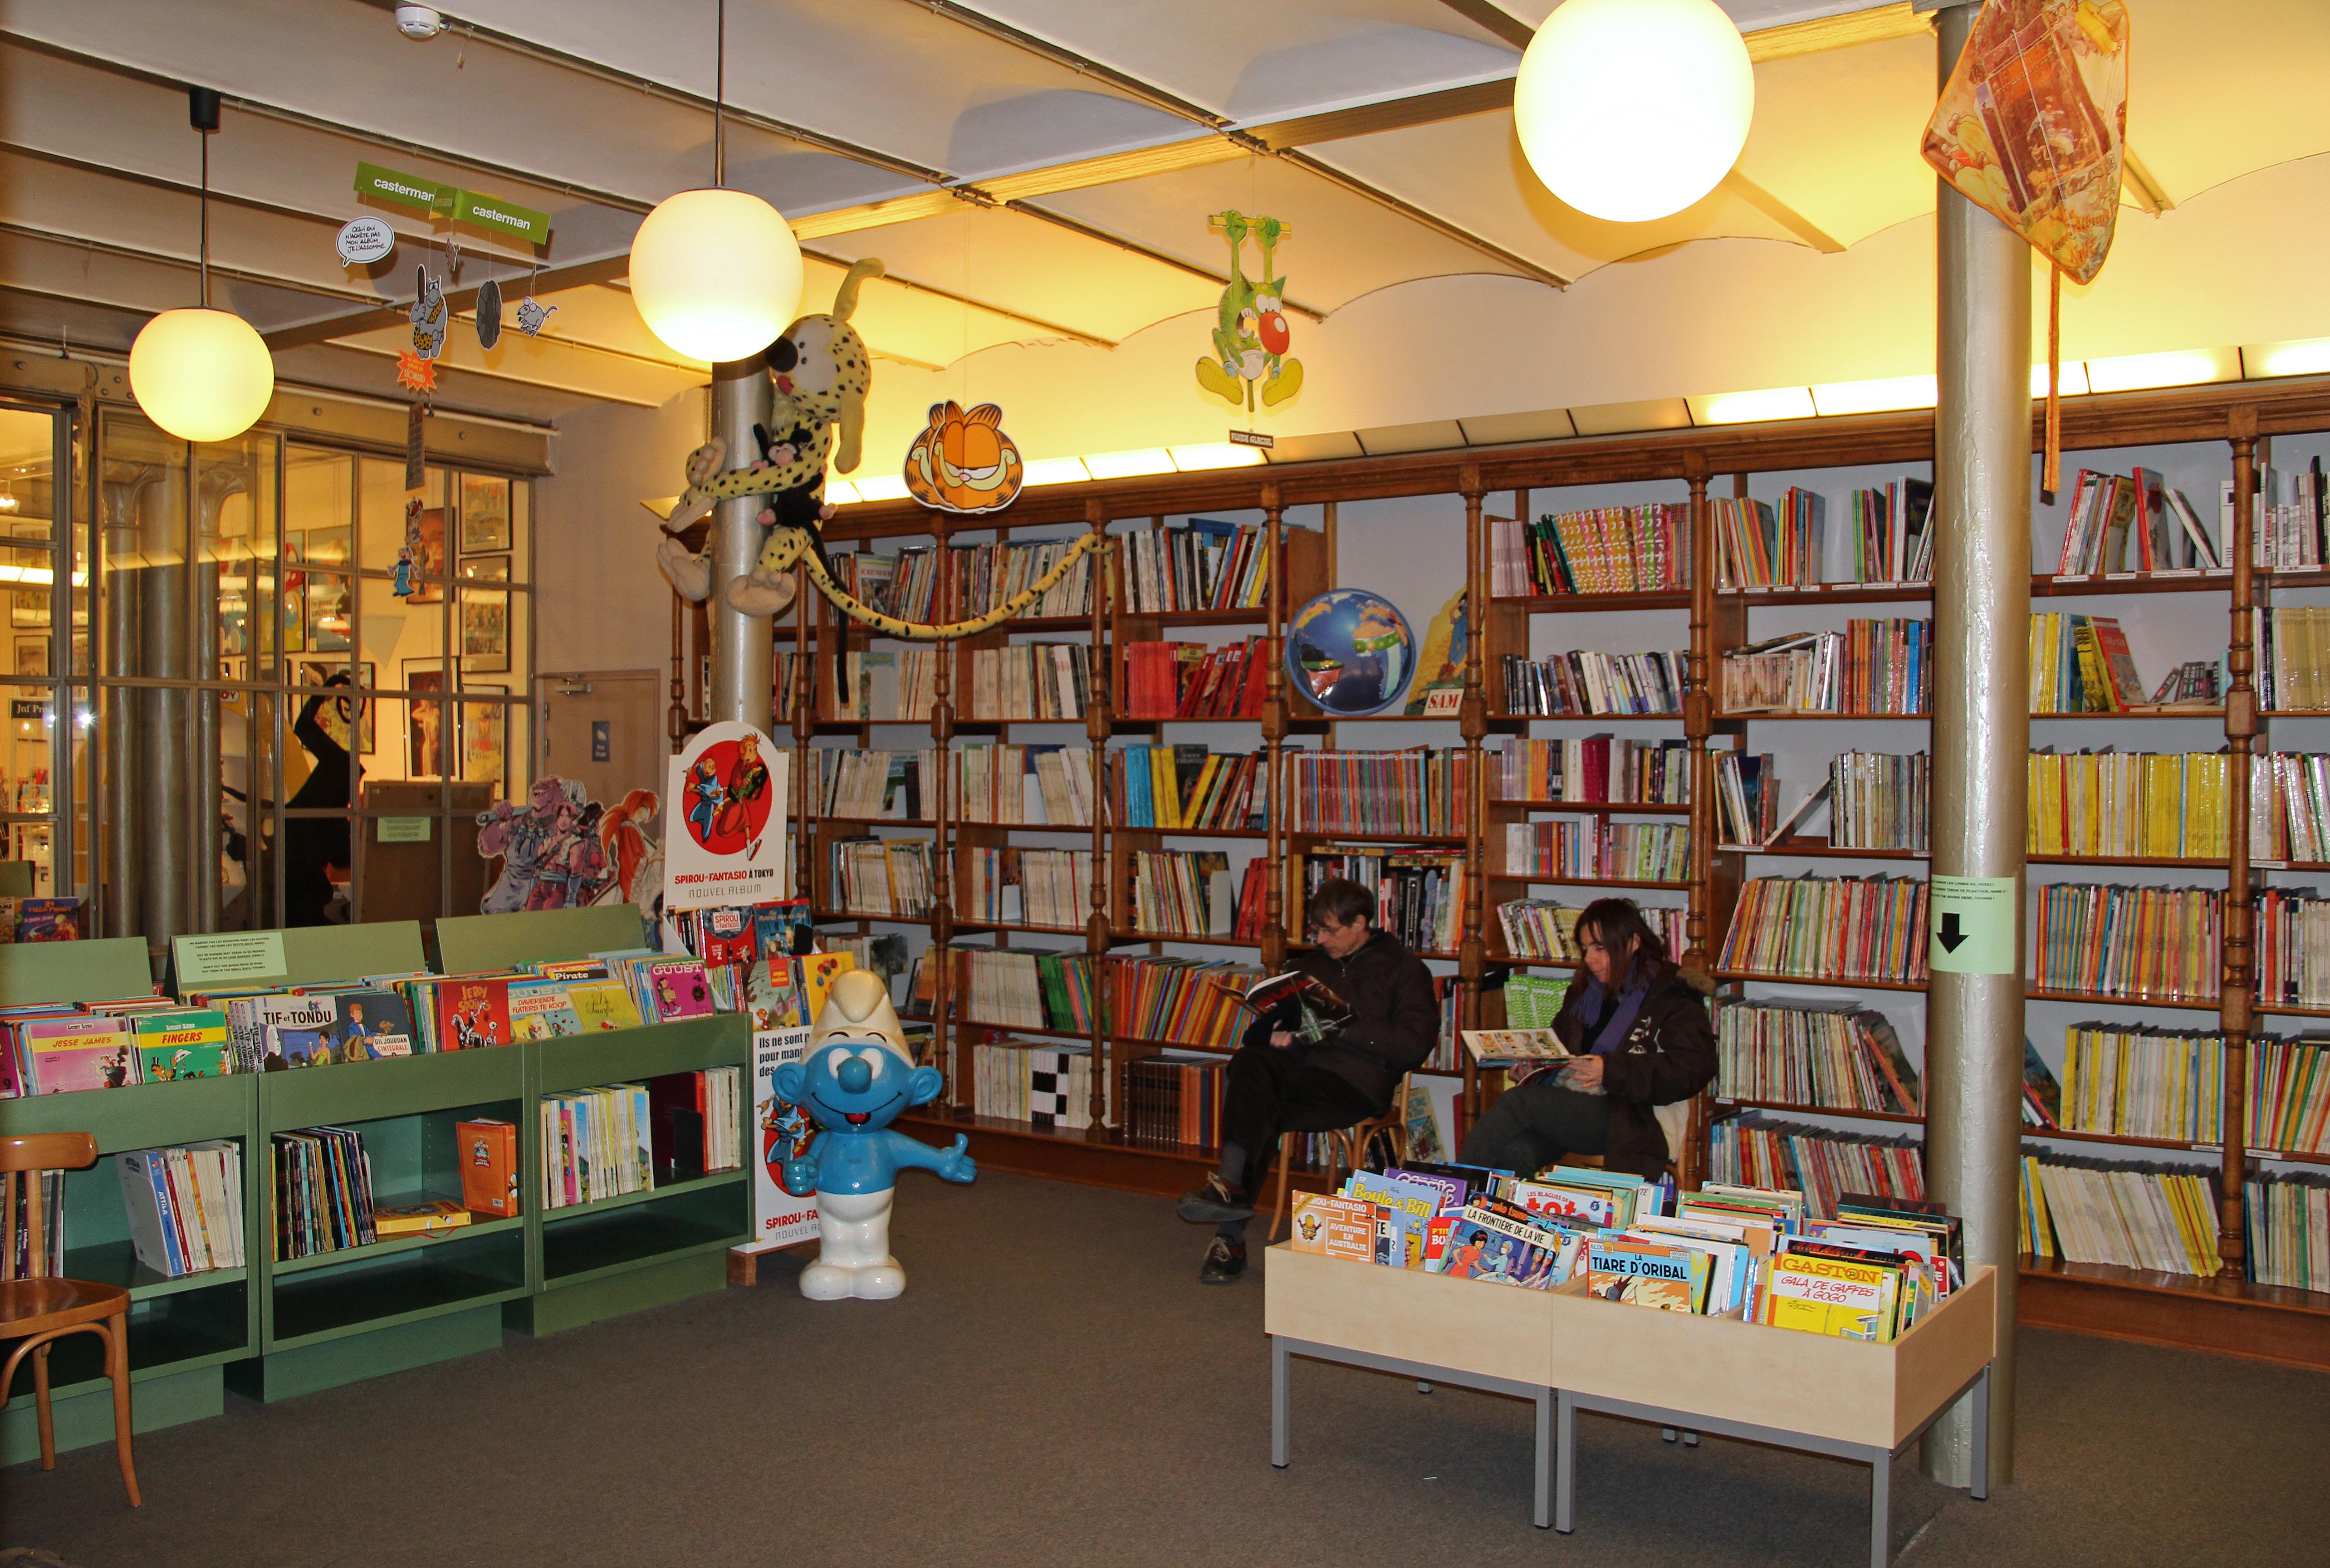 La salle de lecture centre belge de la bande dessin e mus e bruxelles - Job etudiant femme de chambre bruxelles ...